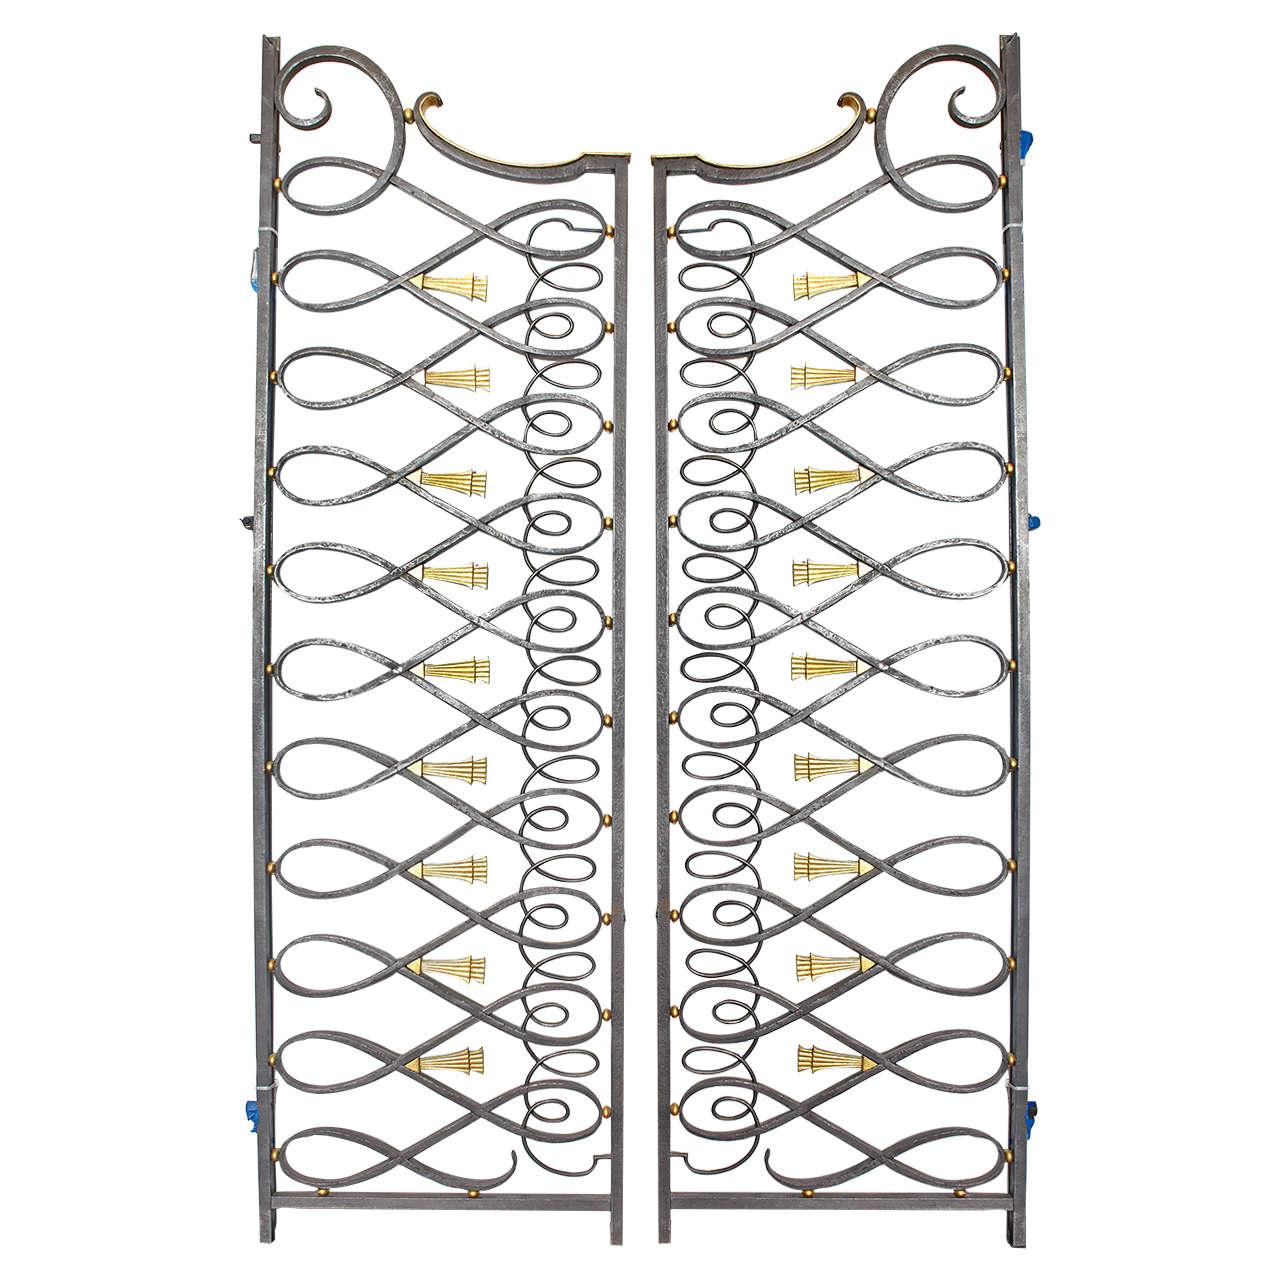 Art Deco Style Iron Gates